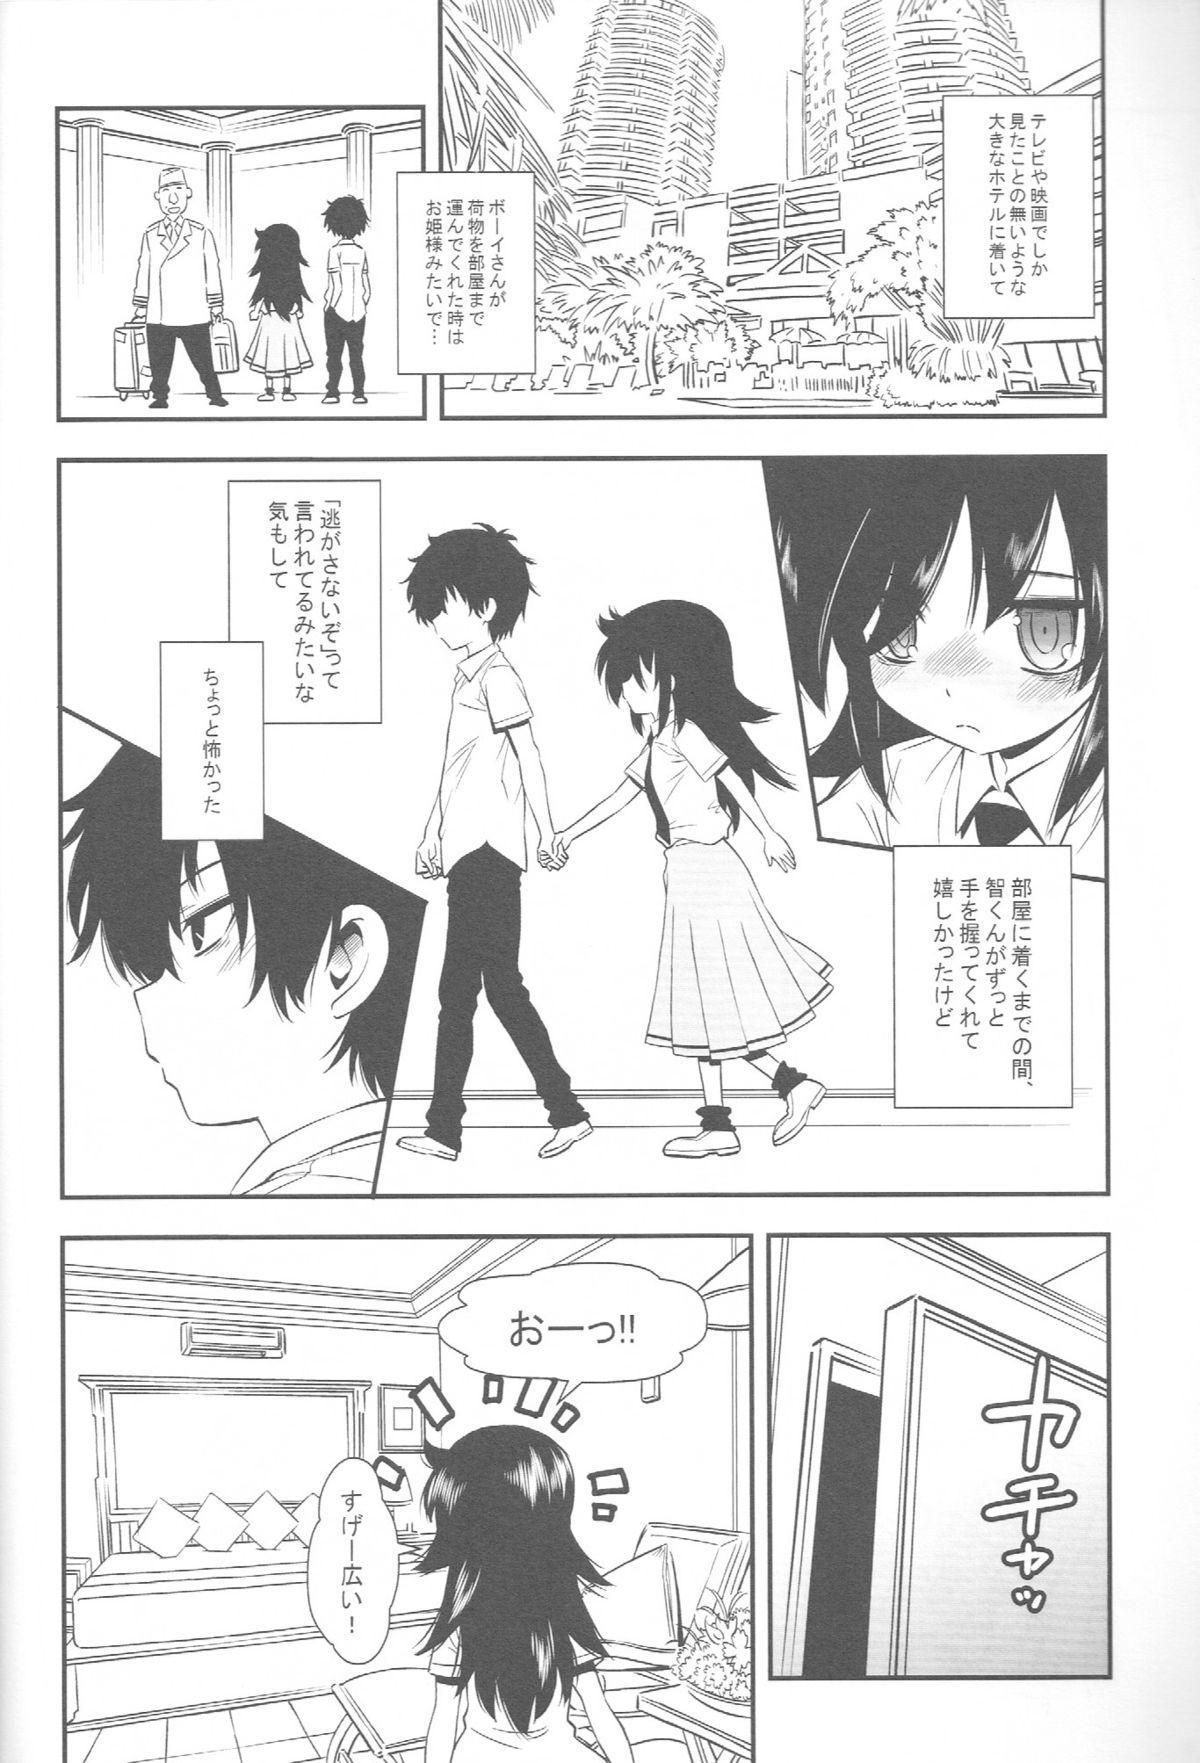 Nee-chan ga Kawaii kara Otouto ga Yokujou suru 6